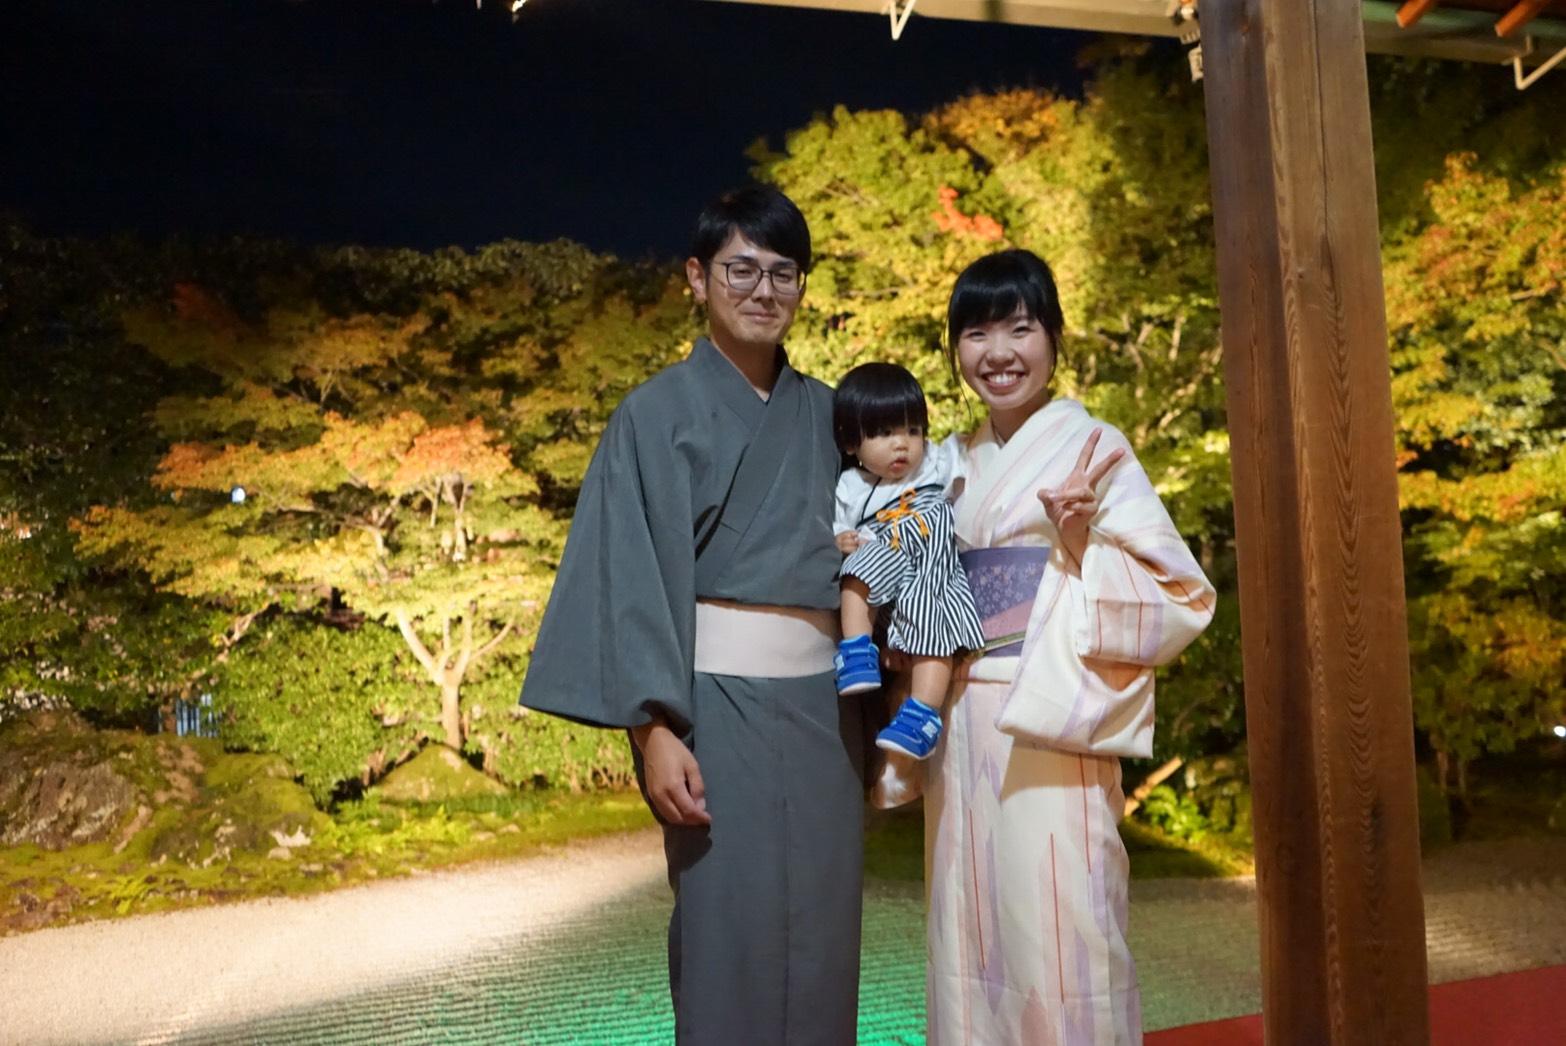 中国から着物で京都嵐山へ♪2019年11月9日12